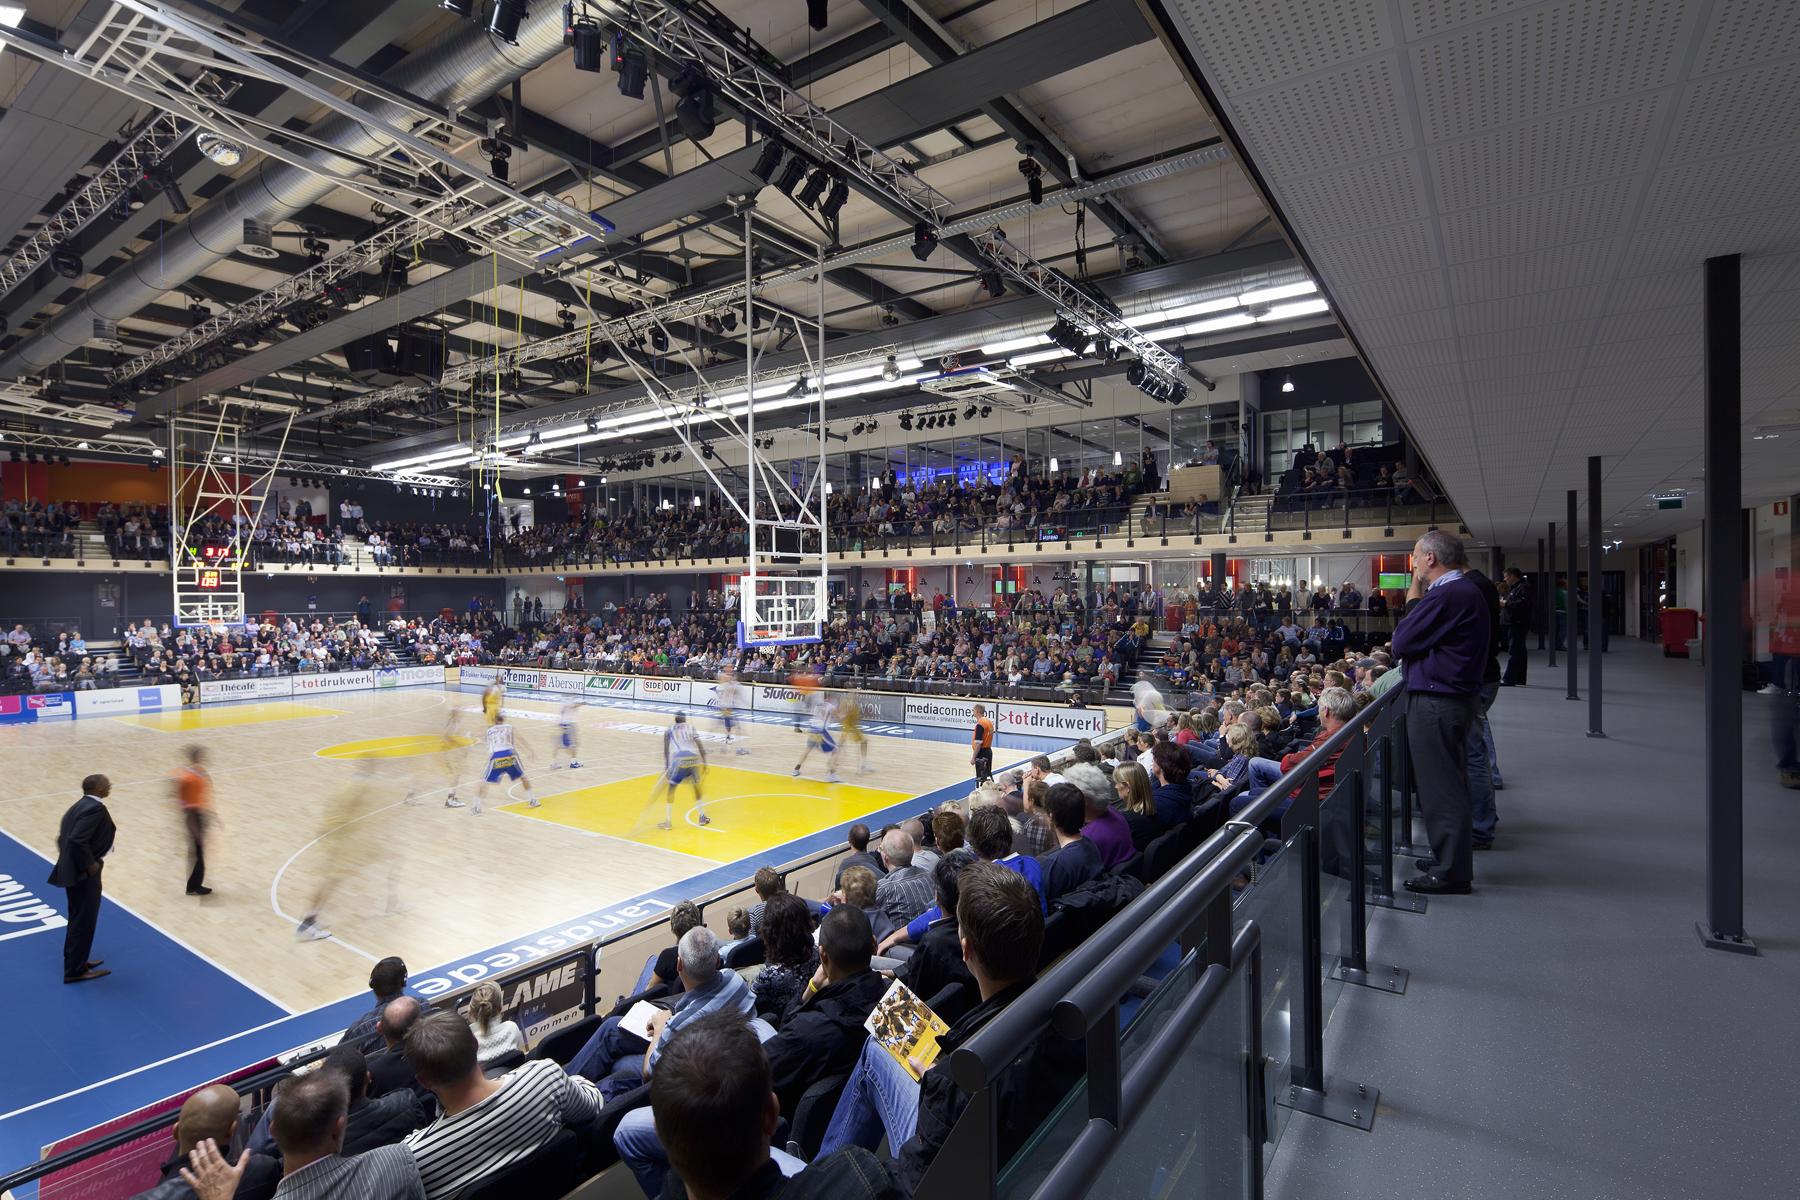 Peek Bv Topsporthal Landstede Arena Zwolle